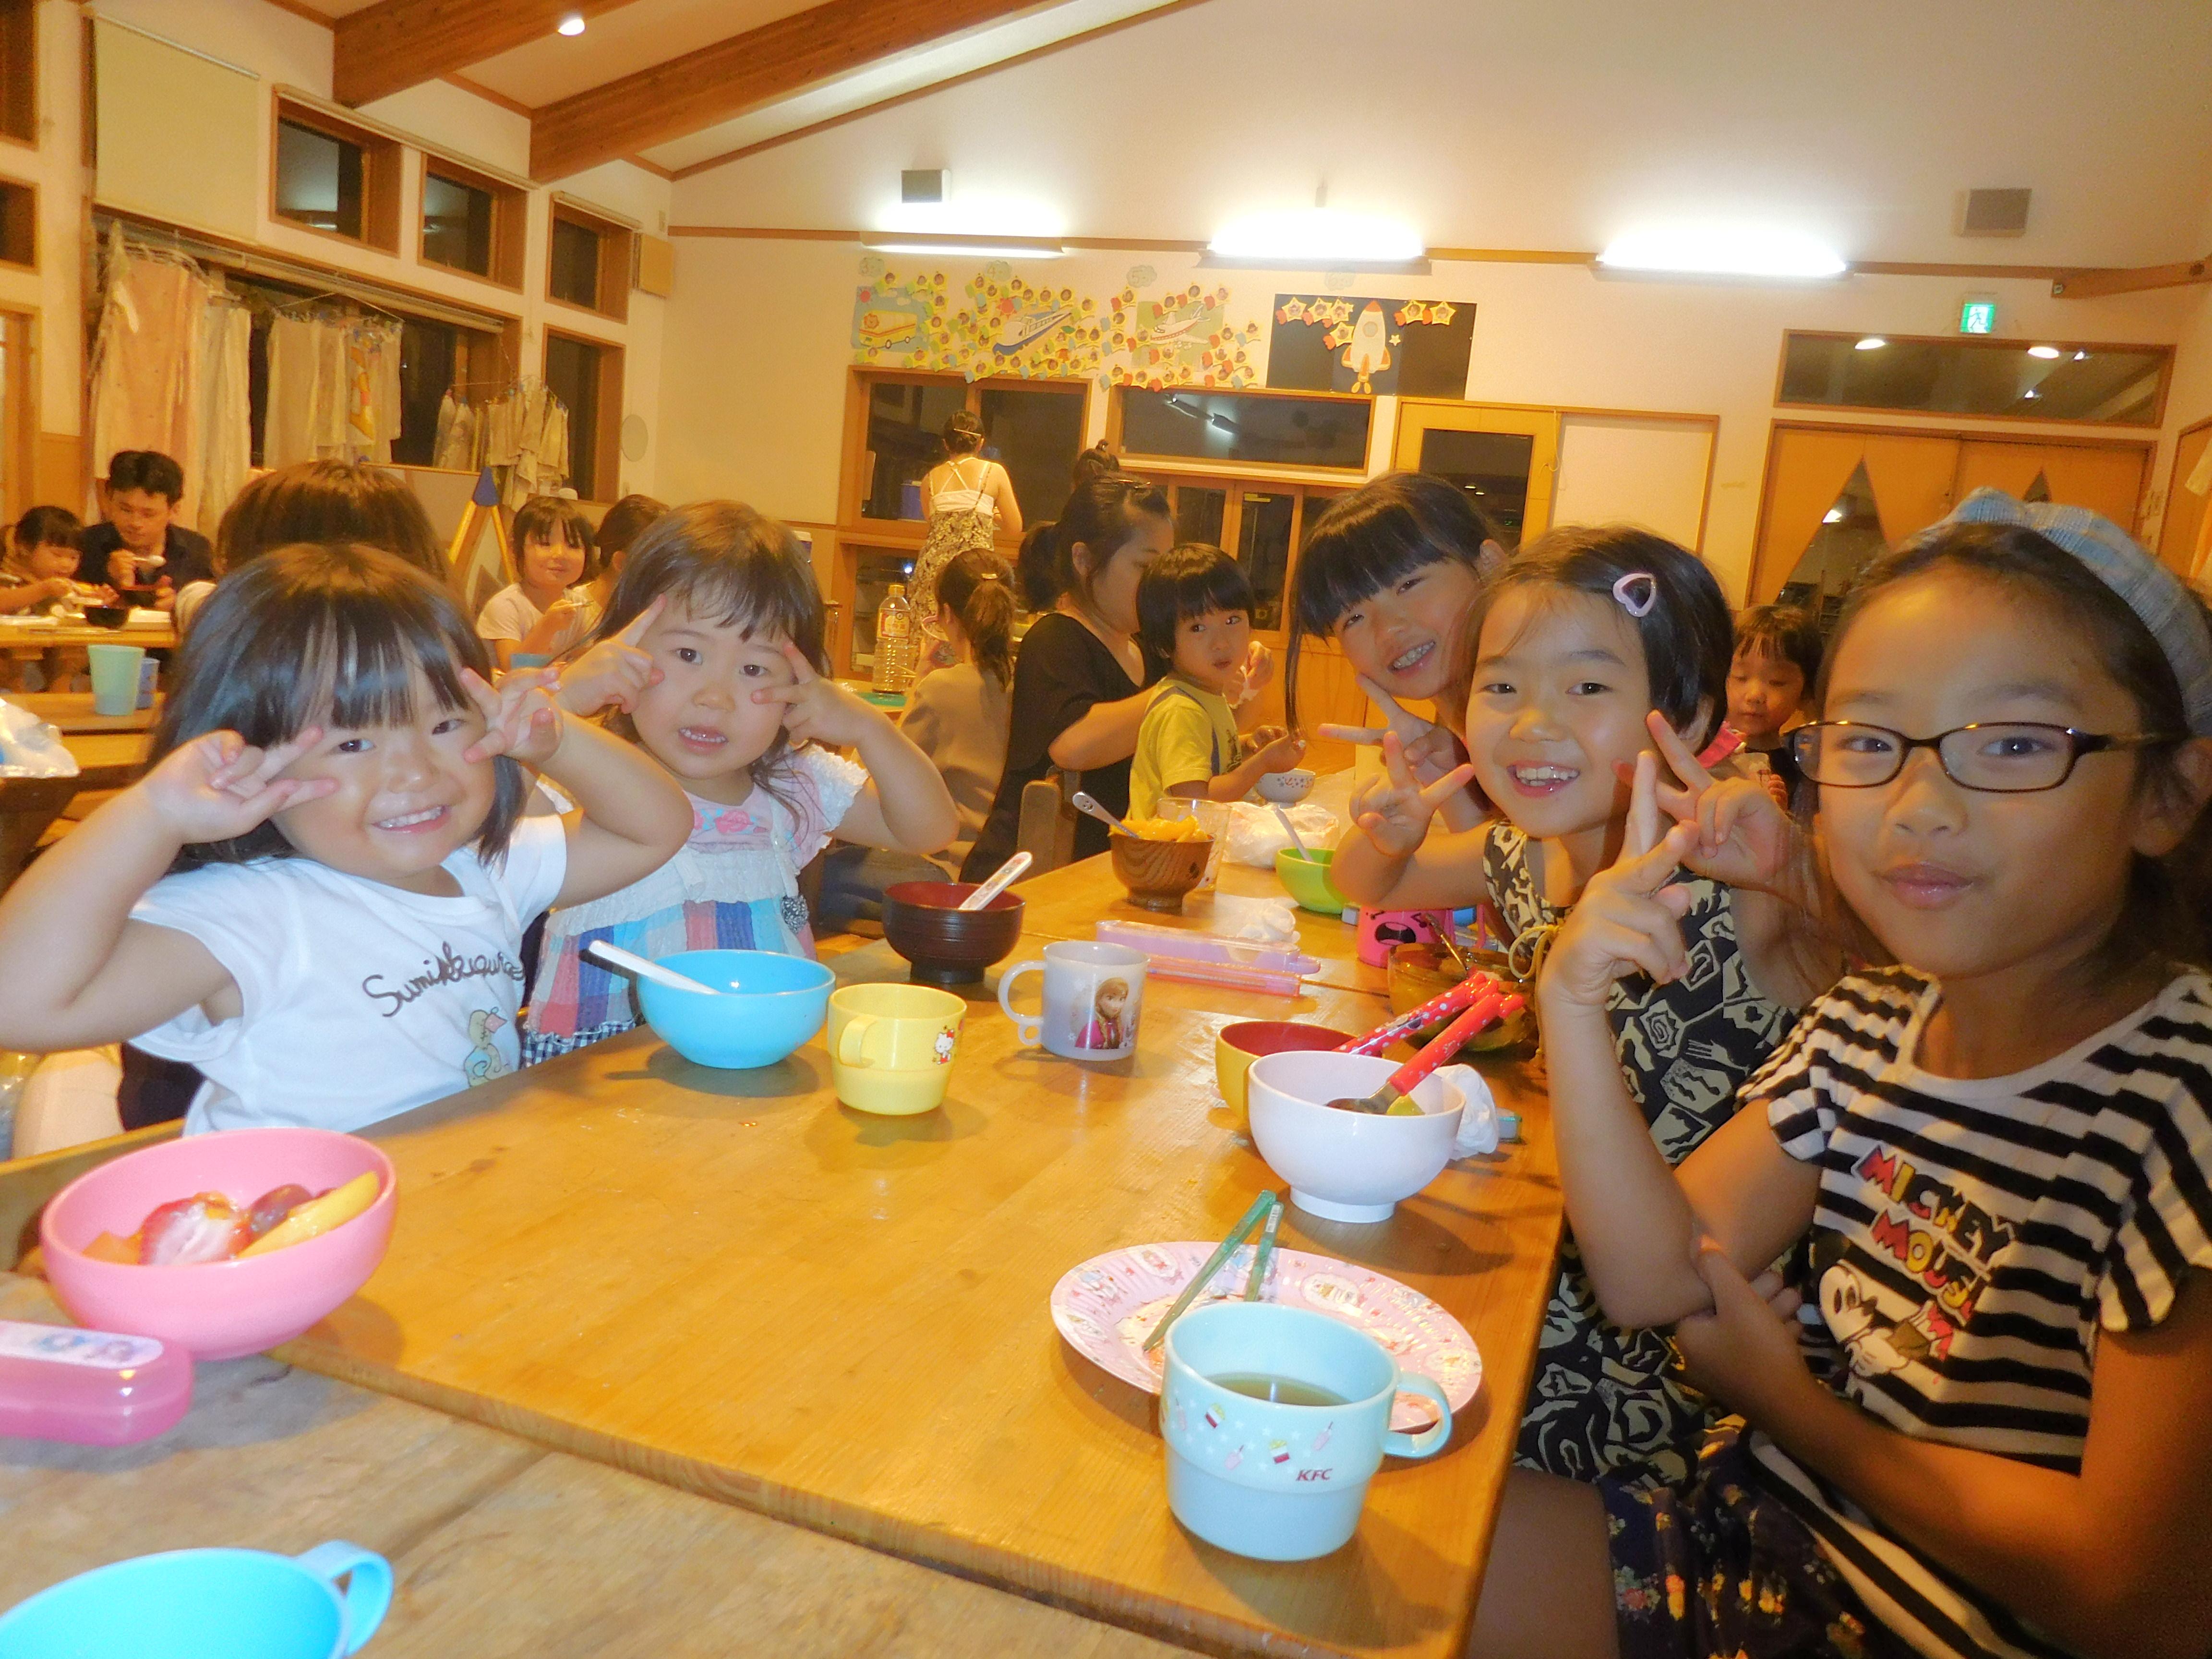 所沢市にあるあかね保育園で夕方クラス交流会でご飯をみんなで食べている画像